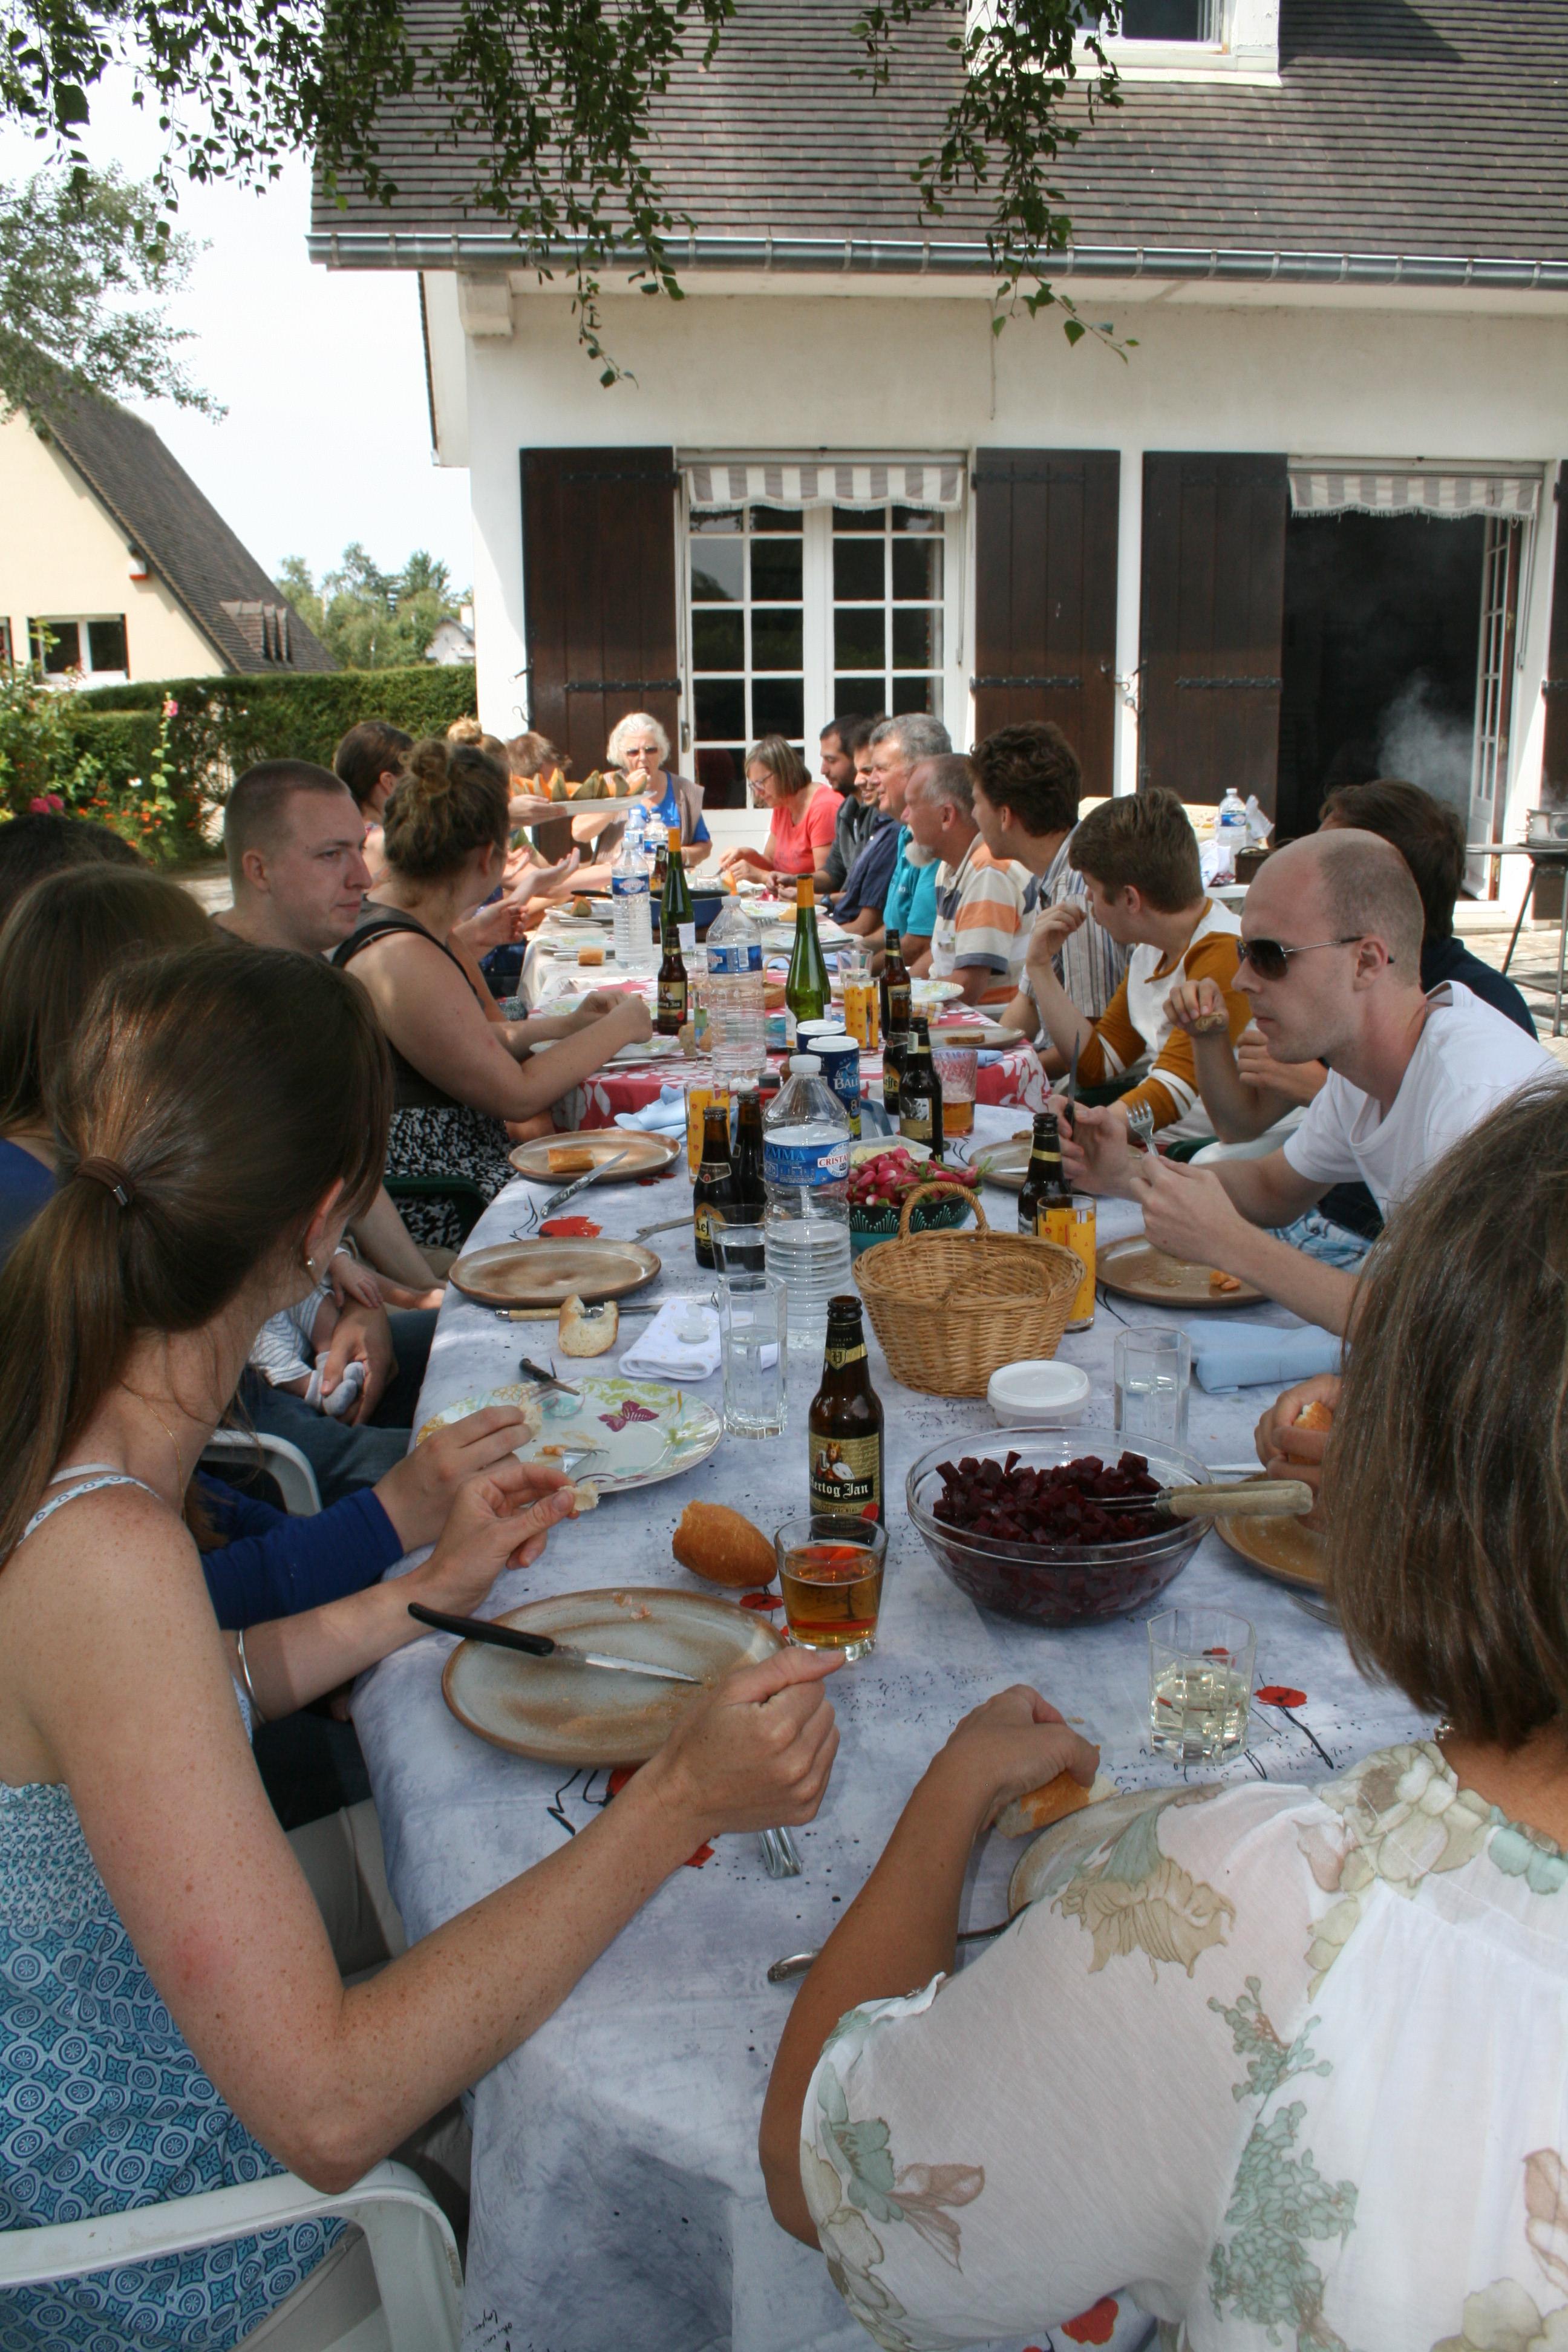 tablée de banquet d'astérix pour notre mariage participatif